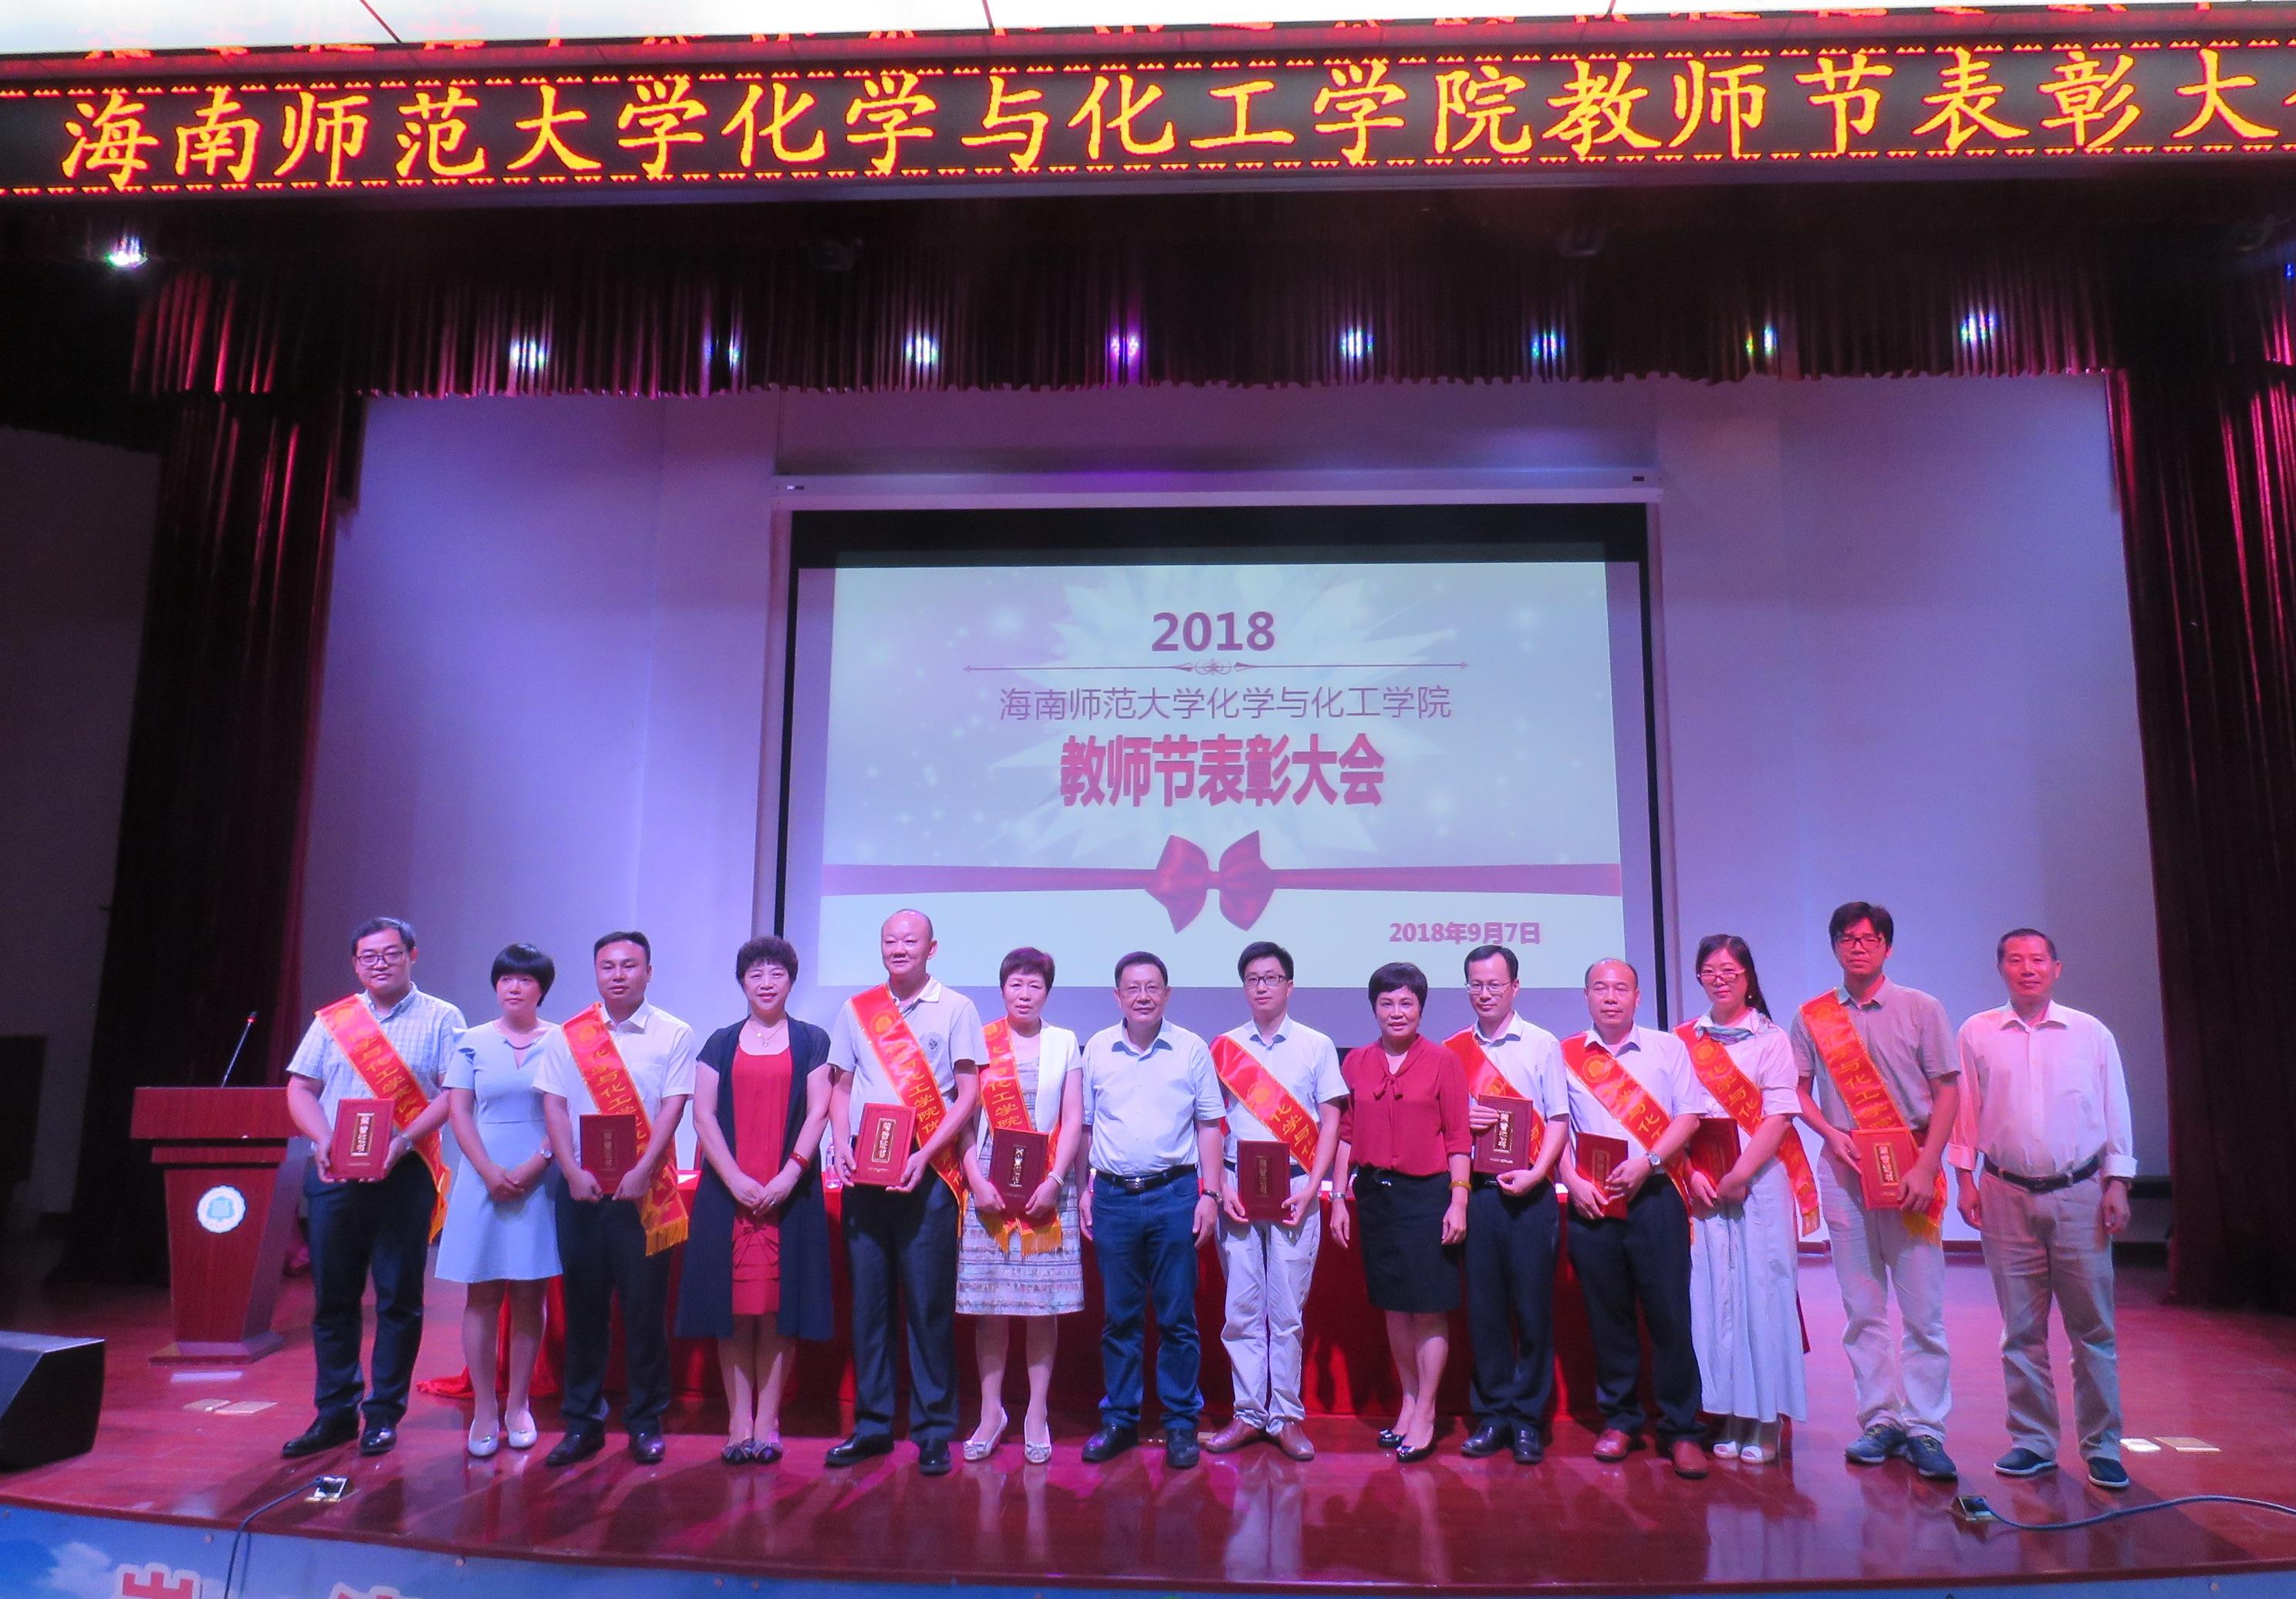 化学与化工学院举行2018年教师节庆祝大会和座谈会